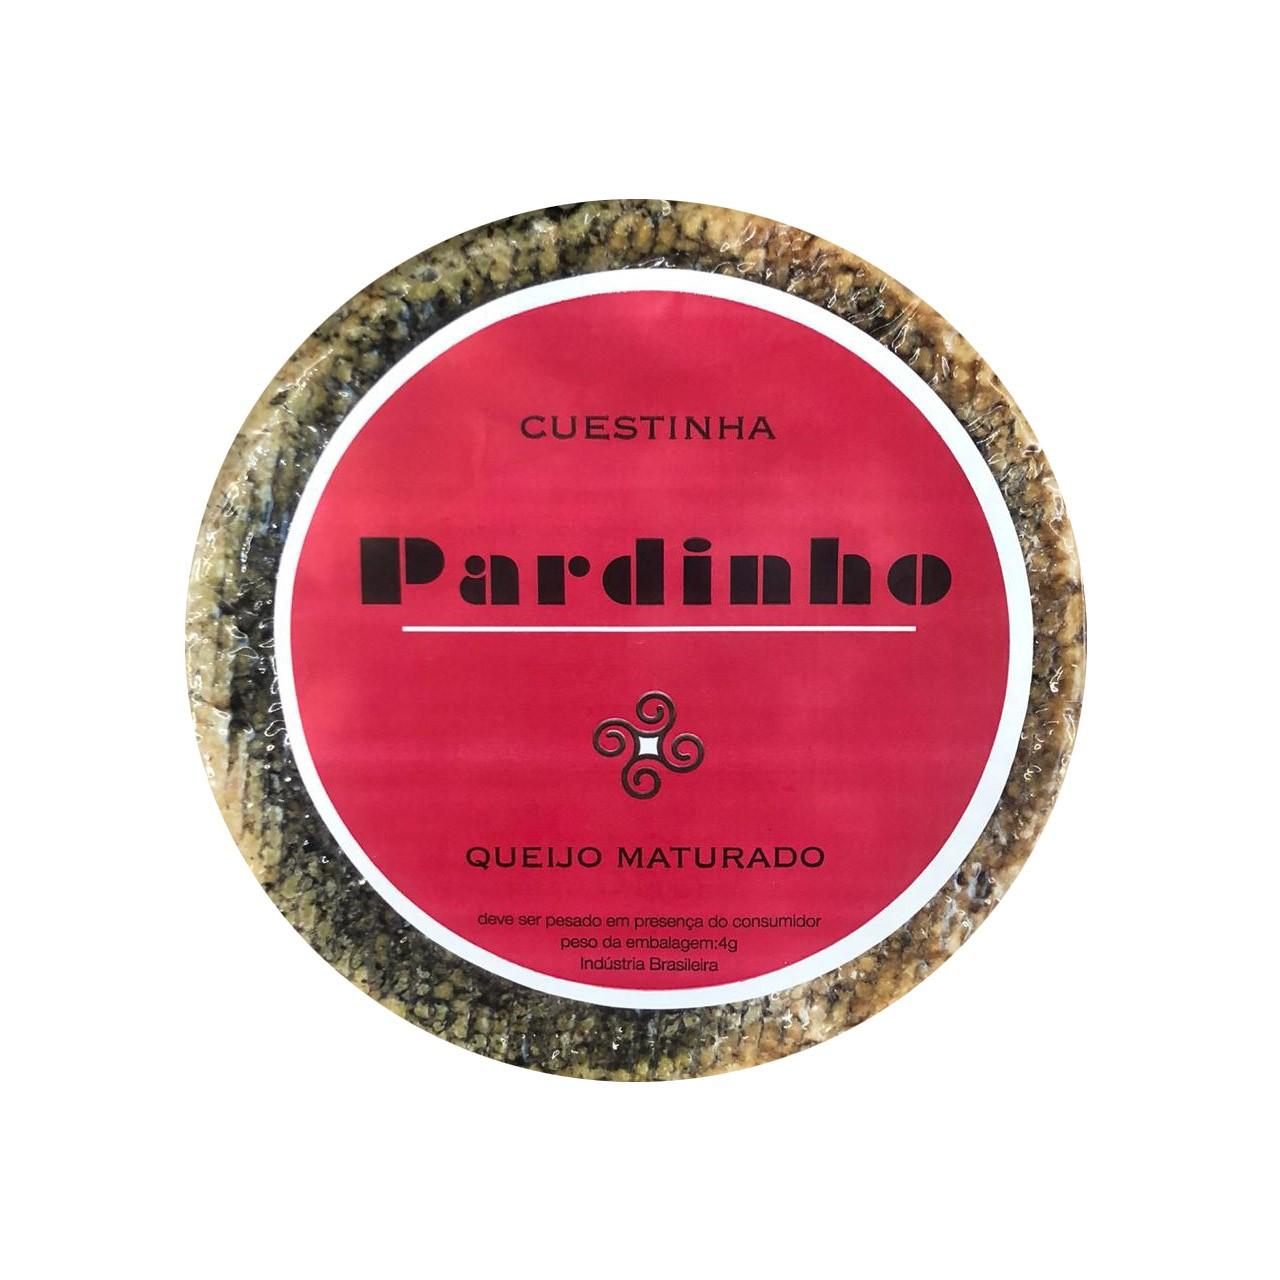 QUEIJO MATURADO  CUESTINHA PARDINHO- 550g  - Empório Pata Negra